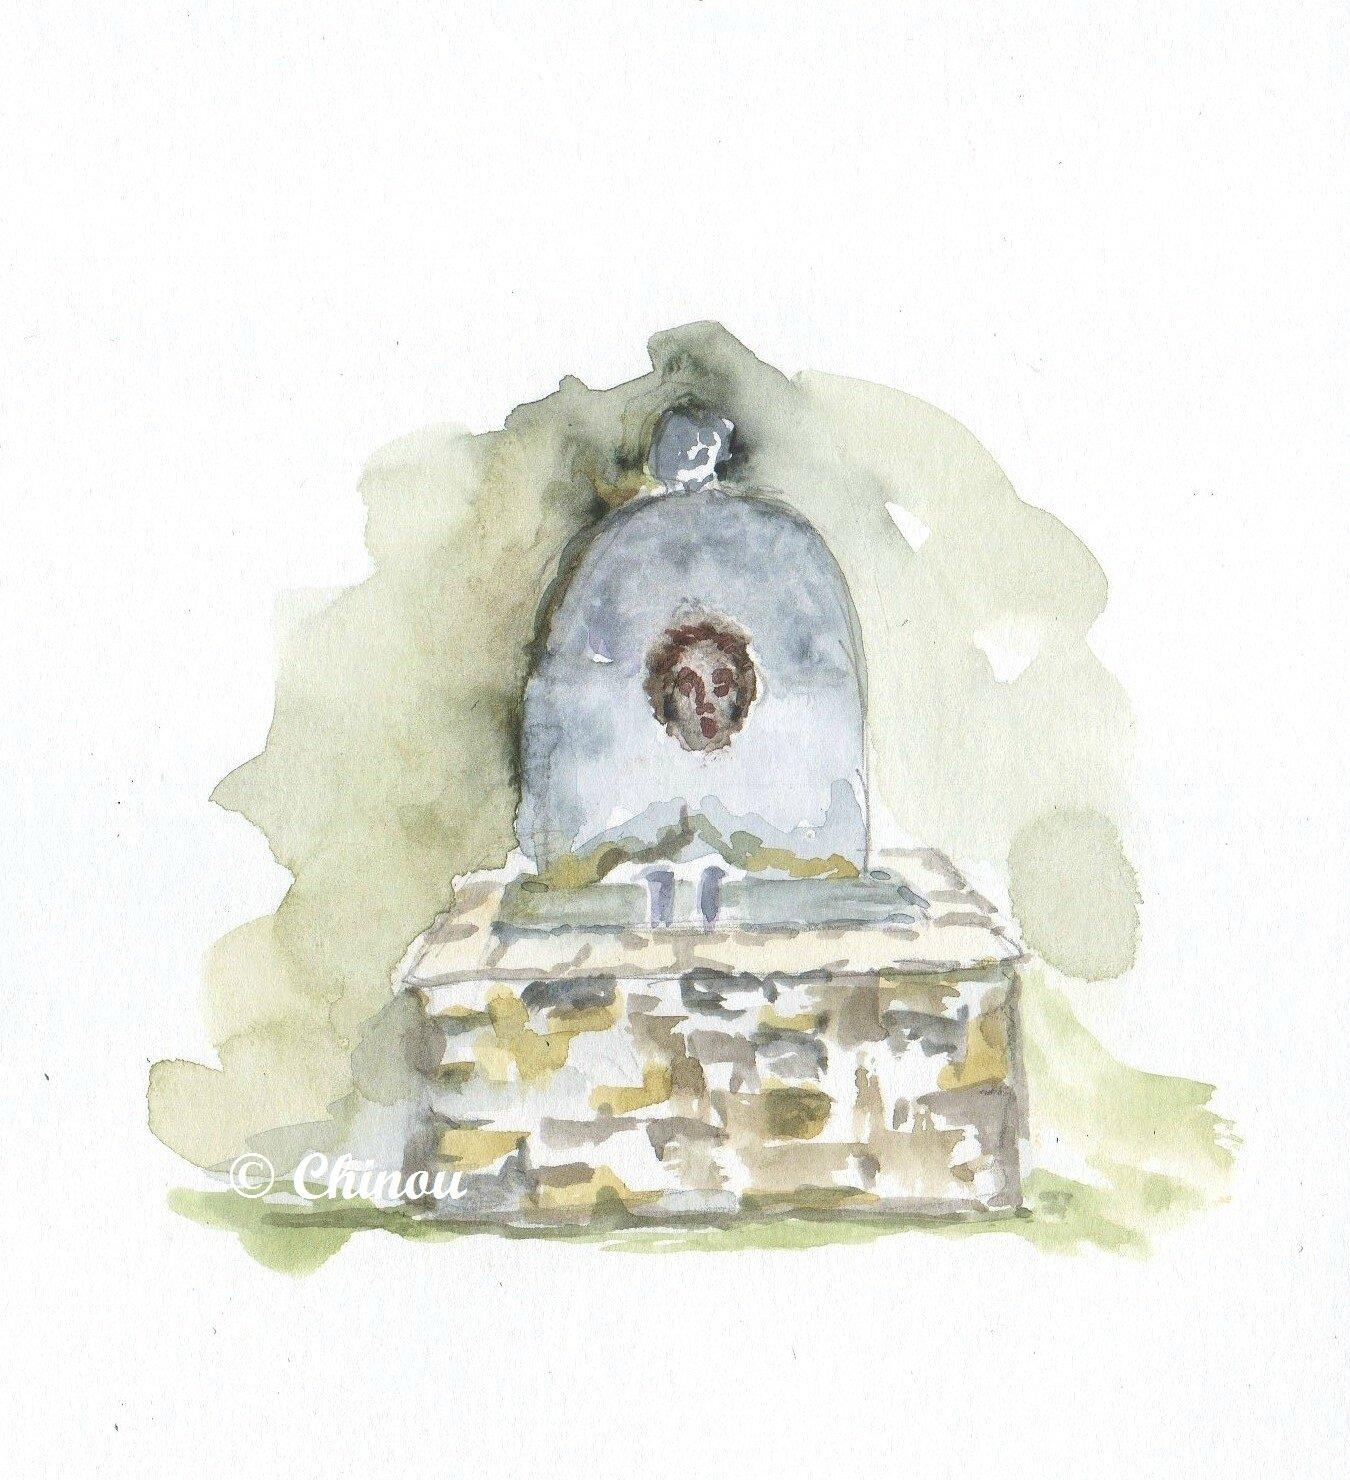 Alleins Fontaine Domaine de la Reynaude